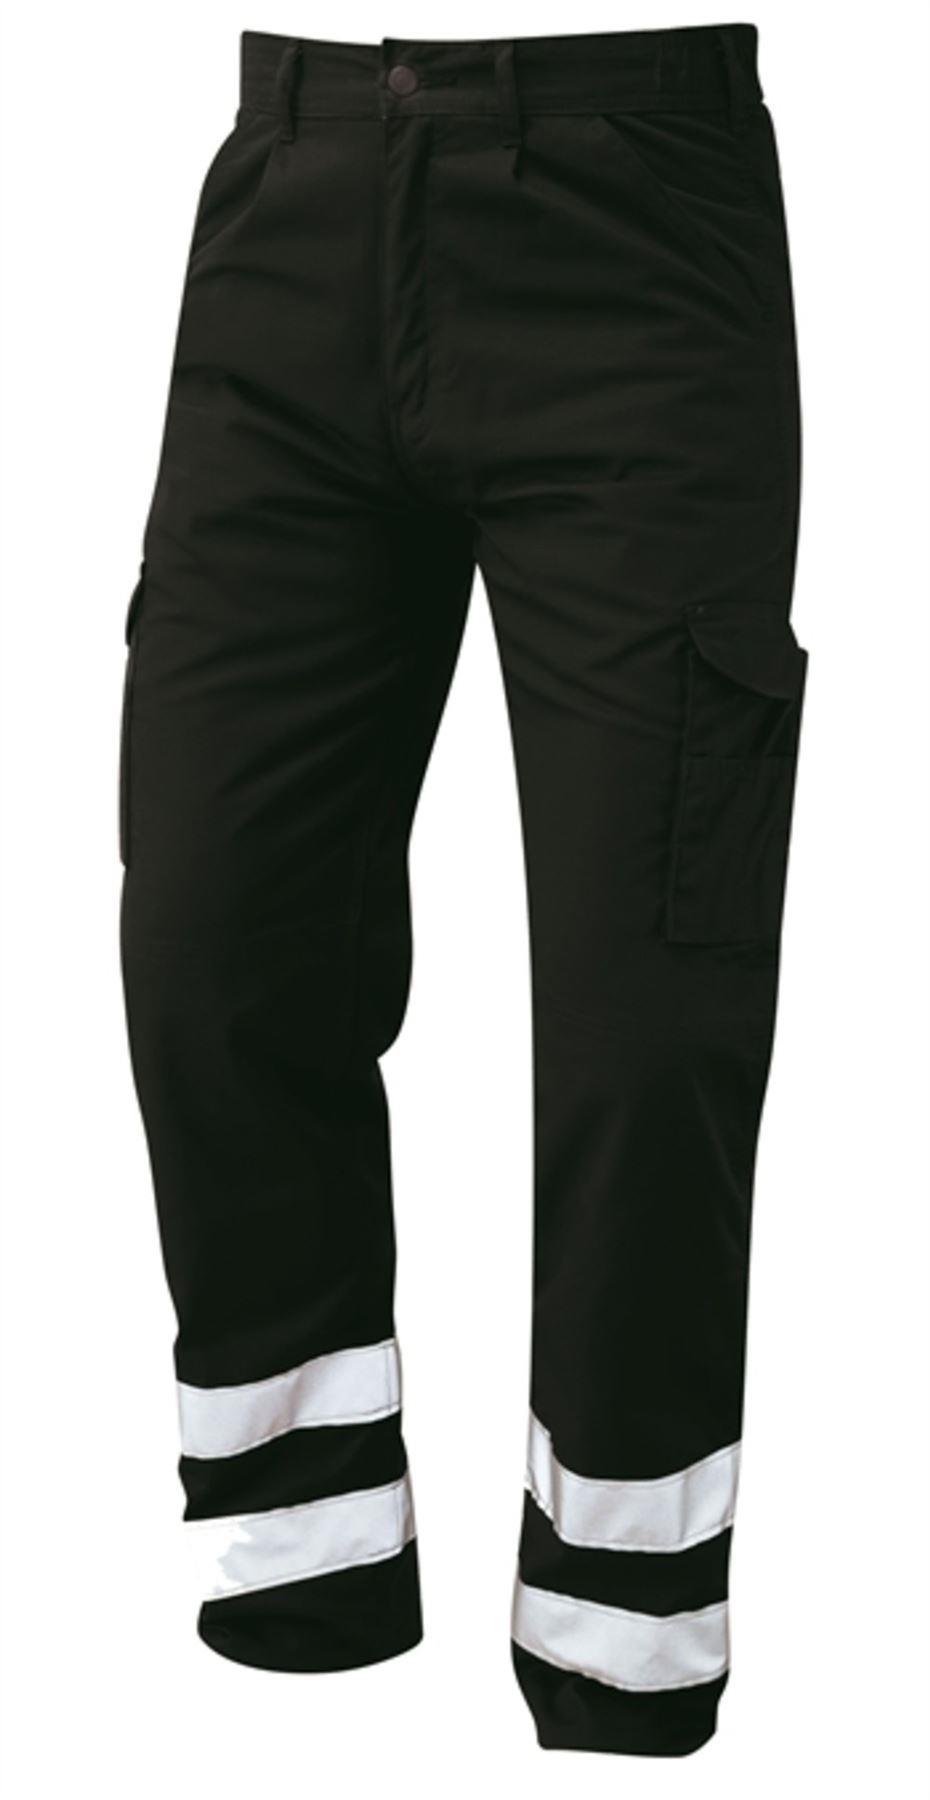 Orn Condor Hi Vis Kneepad Trousers - Black|42W35L